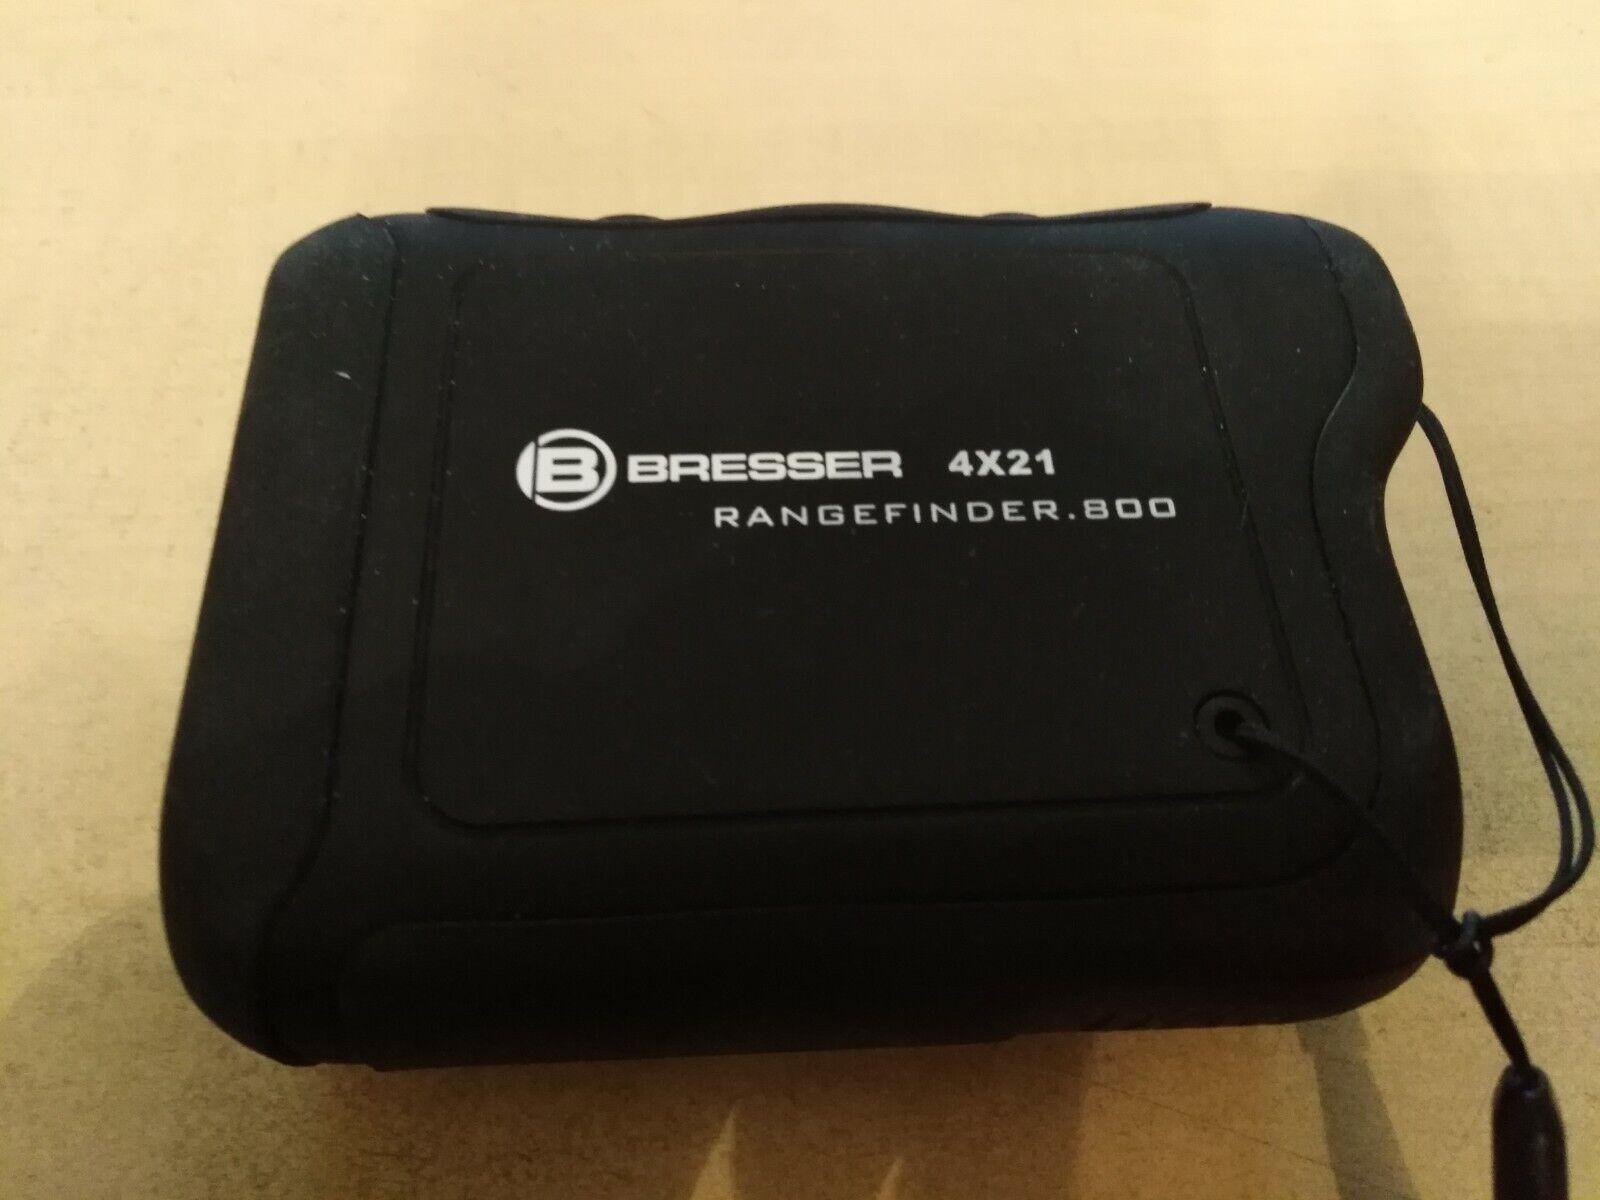 Swarovski Entfernungsmesser Laser Guide 8x30 Gebraucht : 4025810 bresser 4x21 800m laser entfernungsmesser günstig kaufen ebay